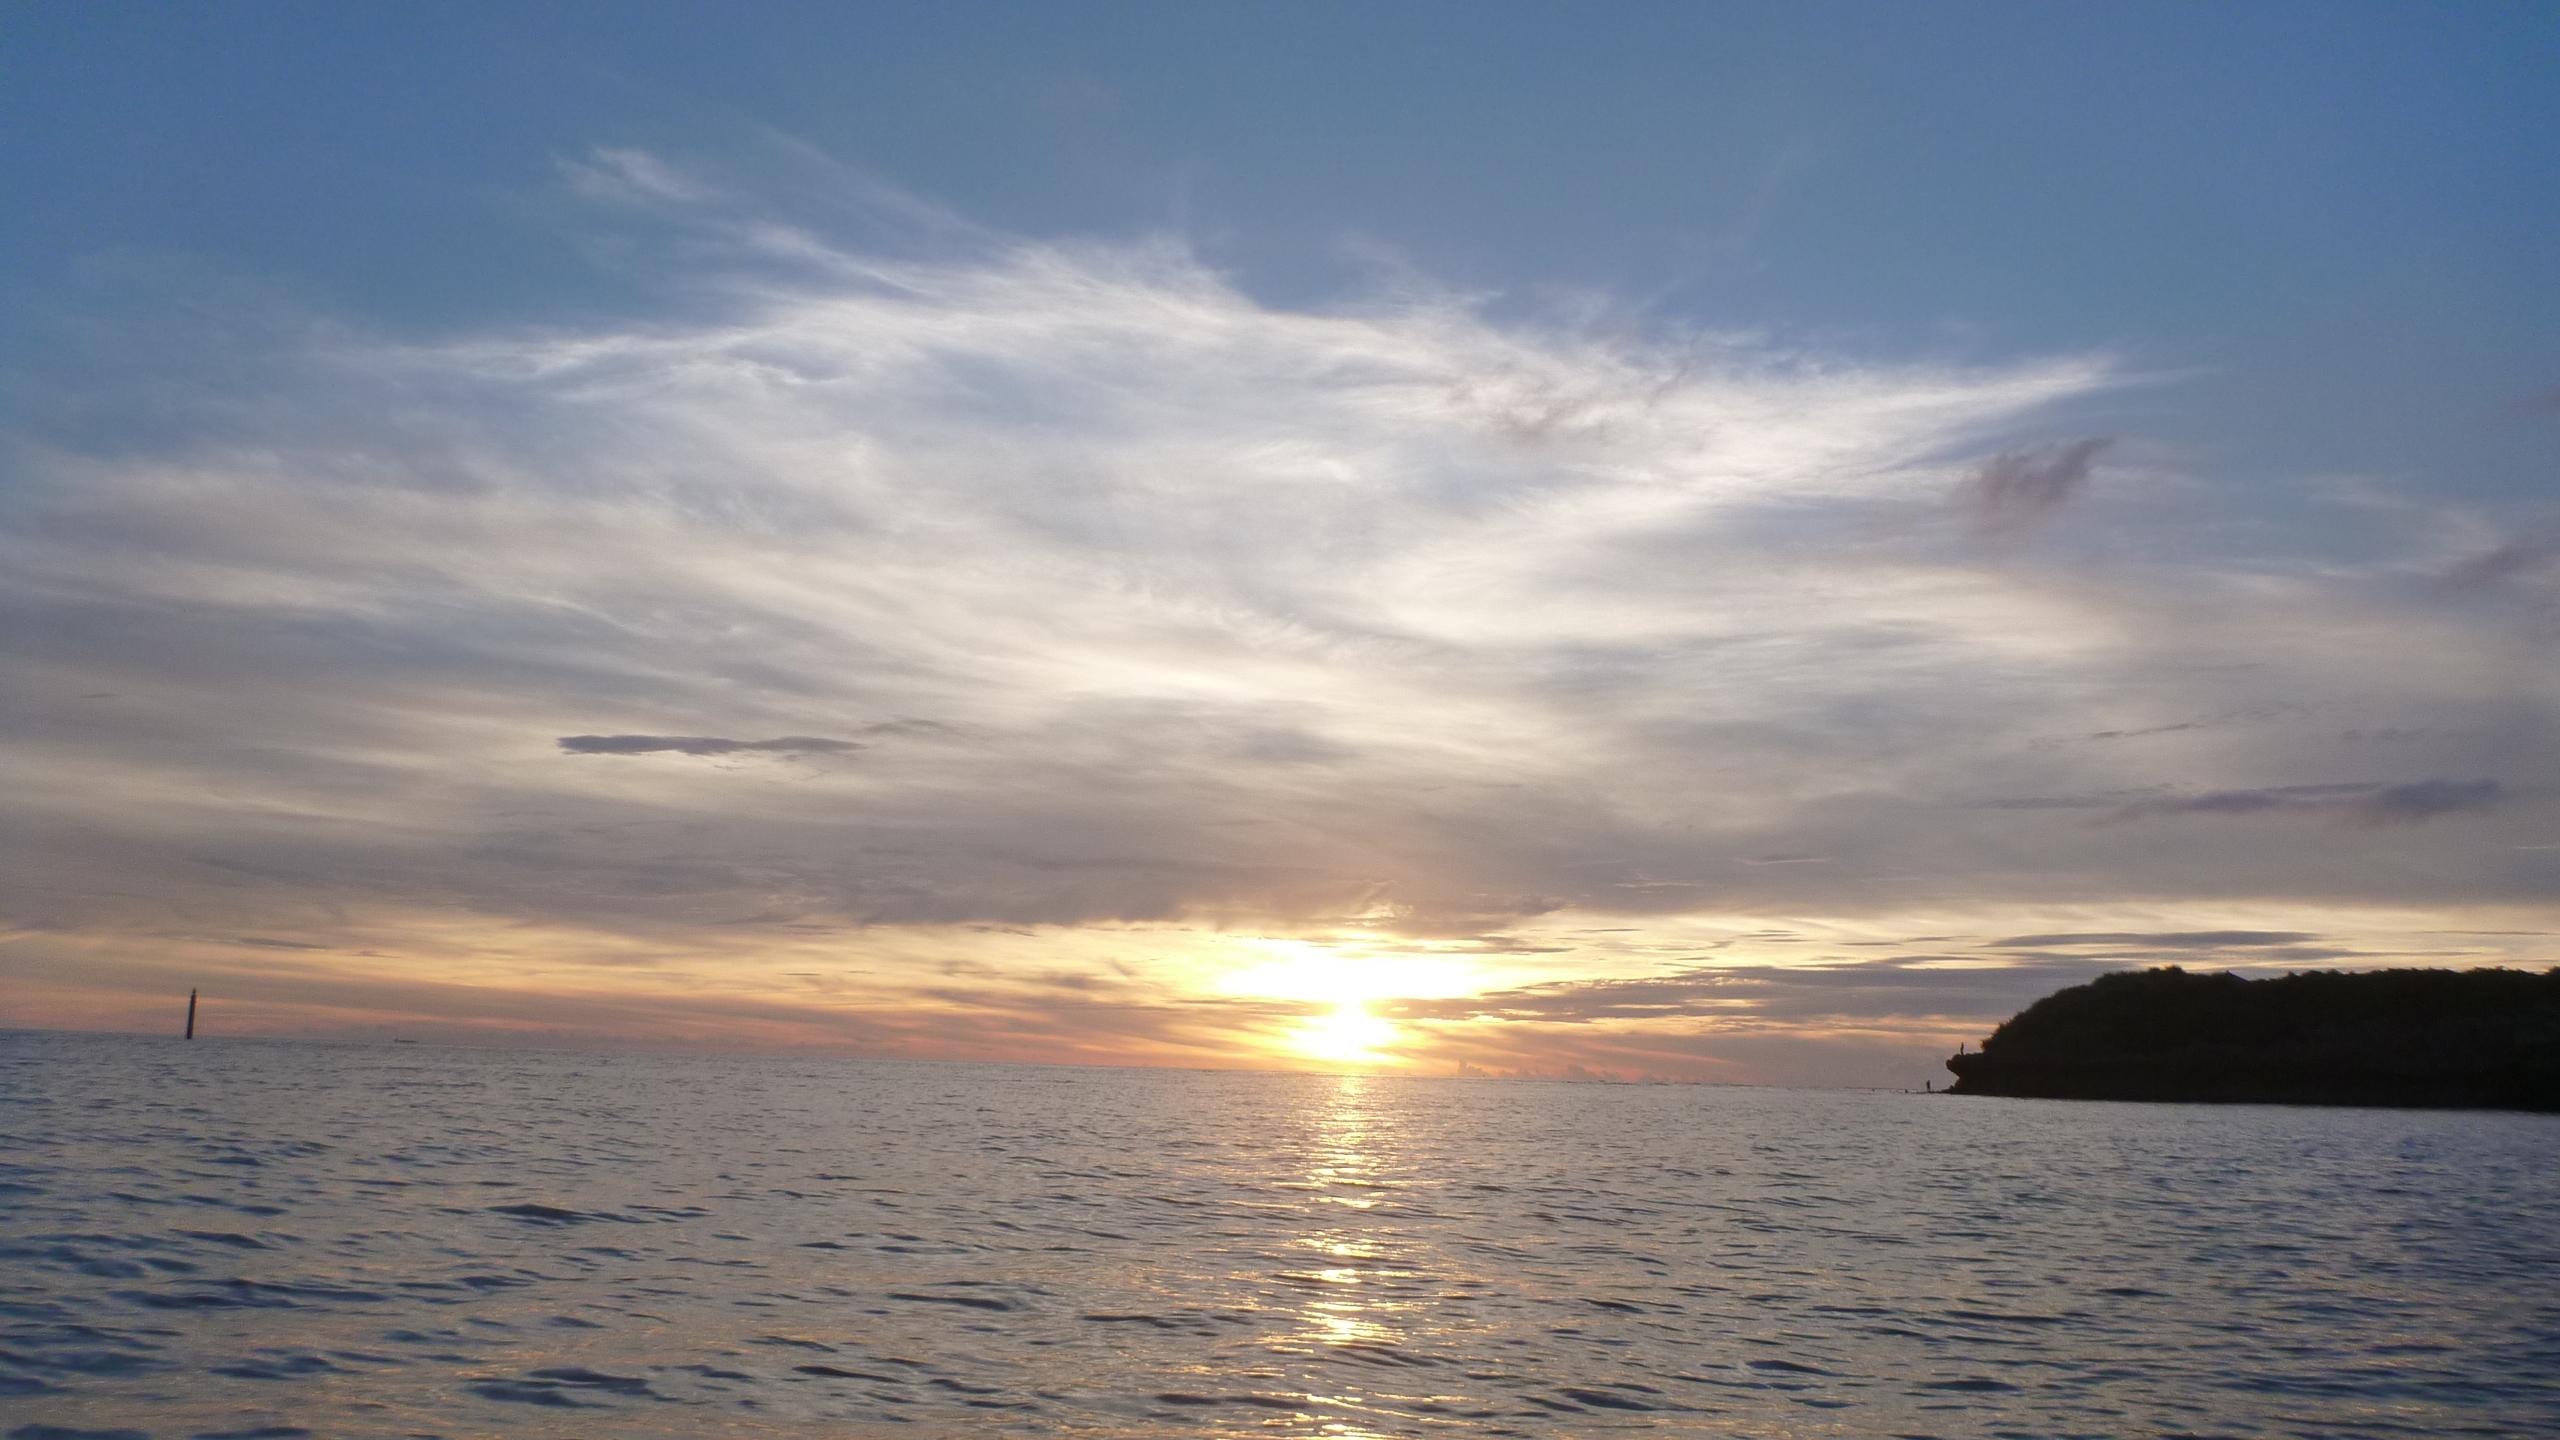 【沖縄旅行①】サンセットカヤックで忘れられない思い出☆海の上で絶景を